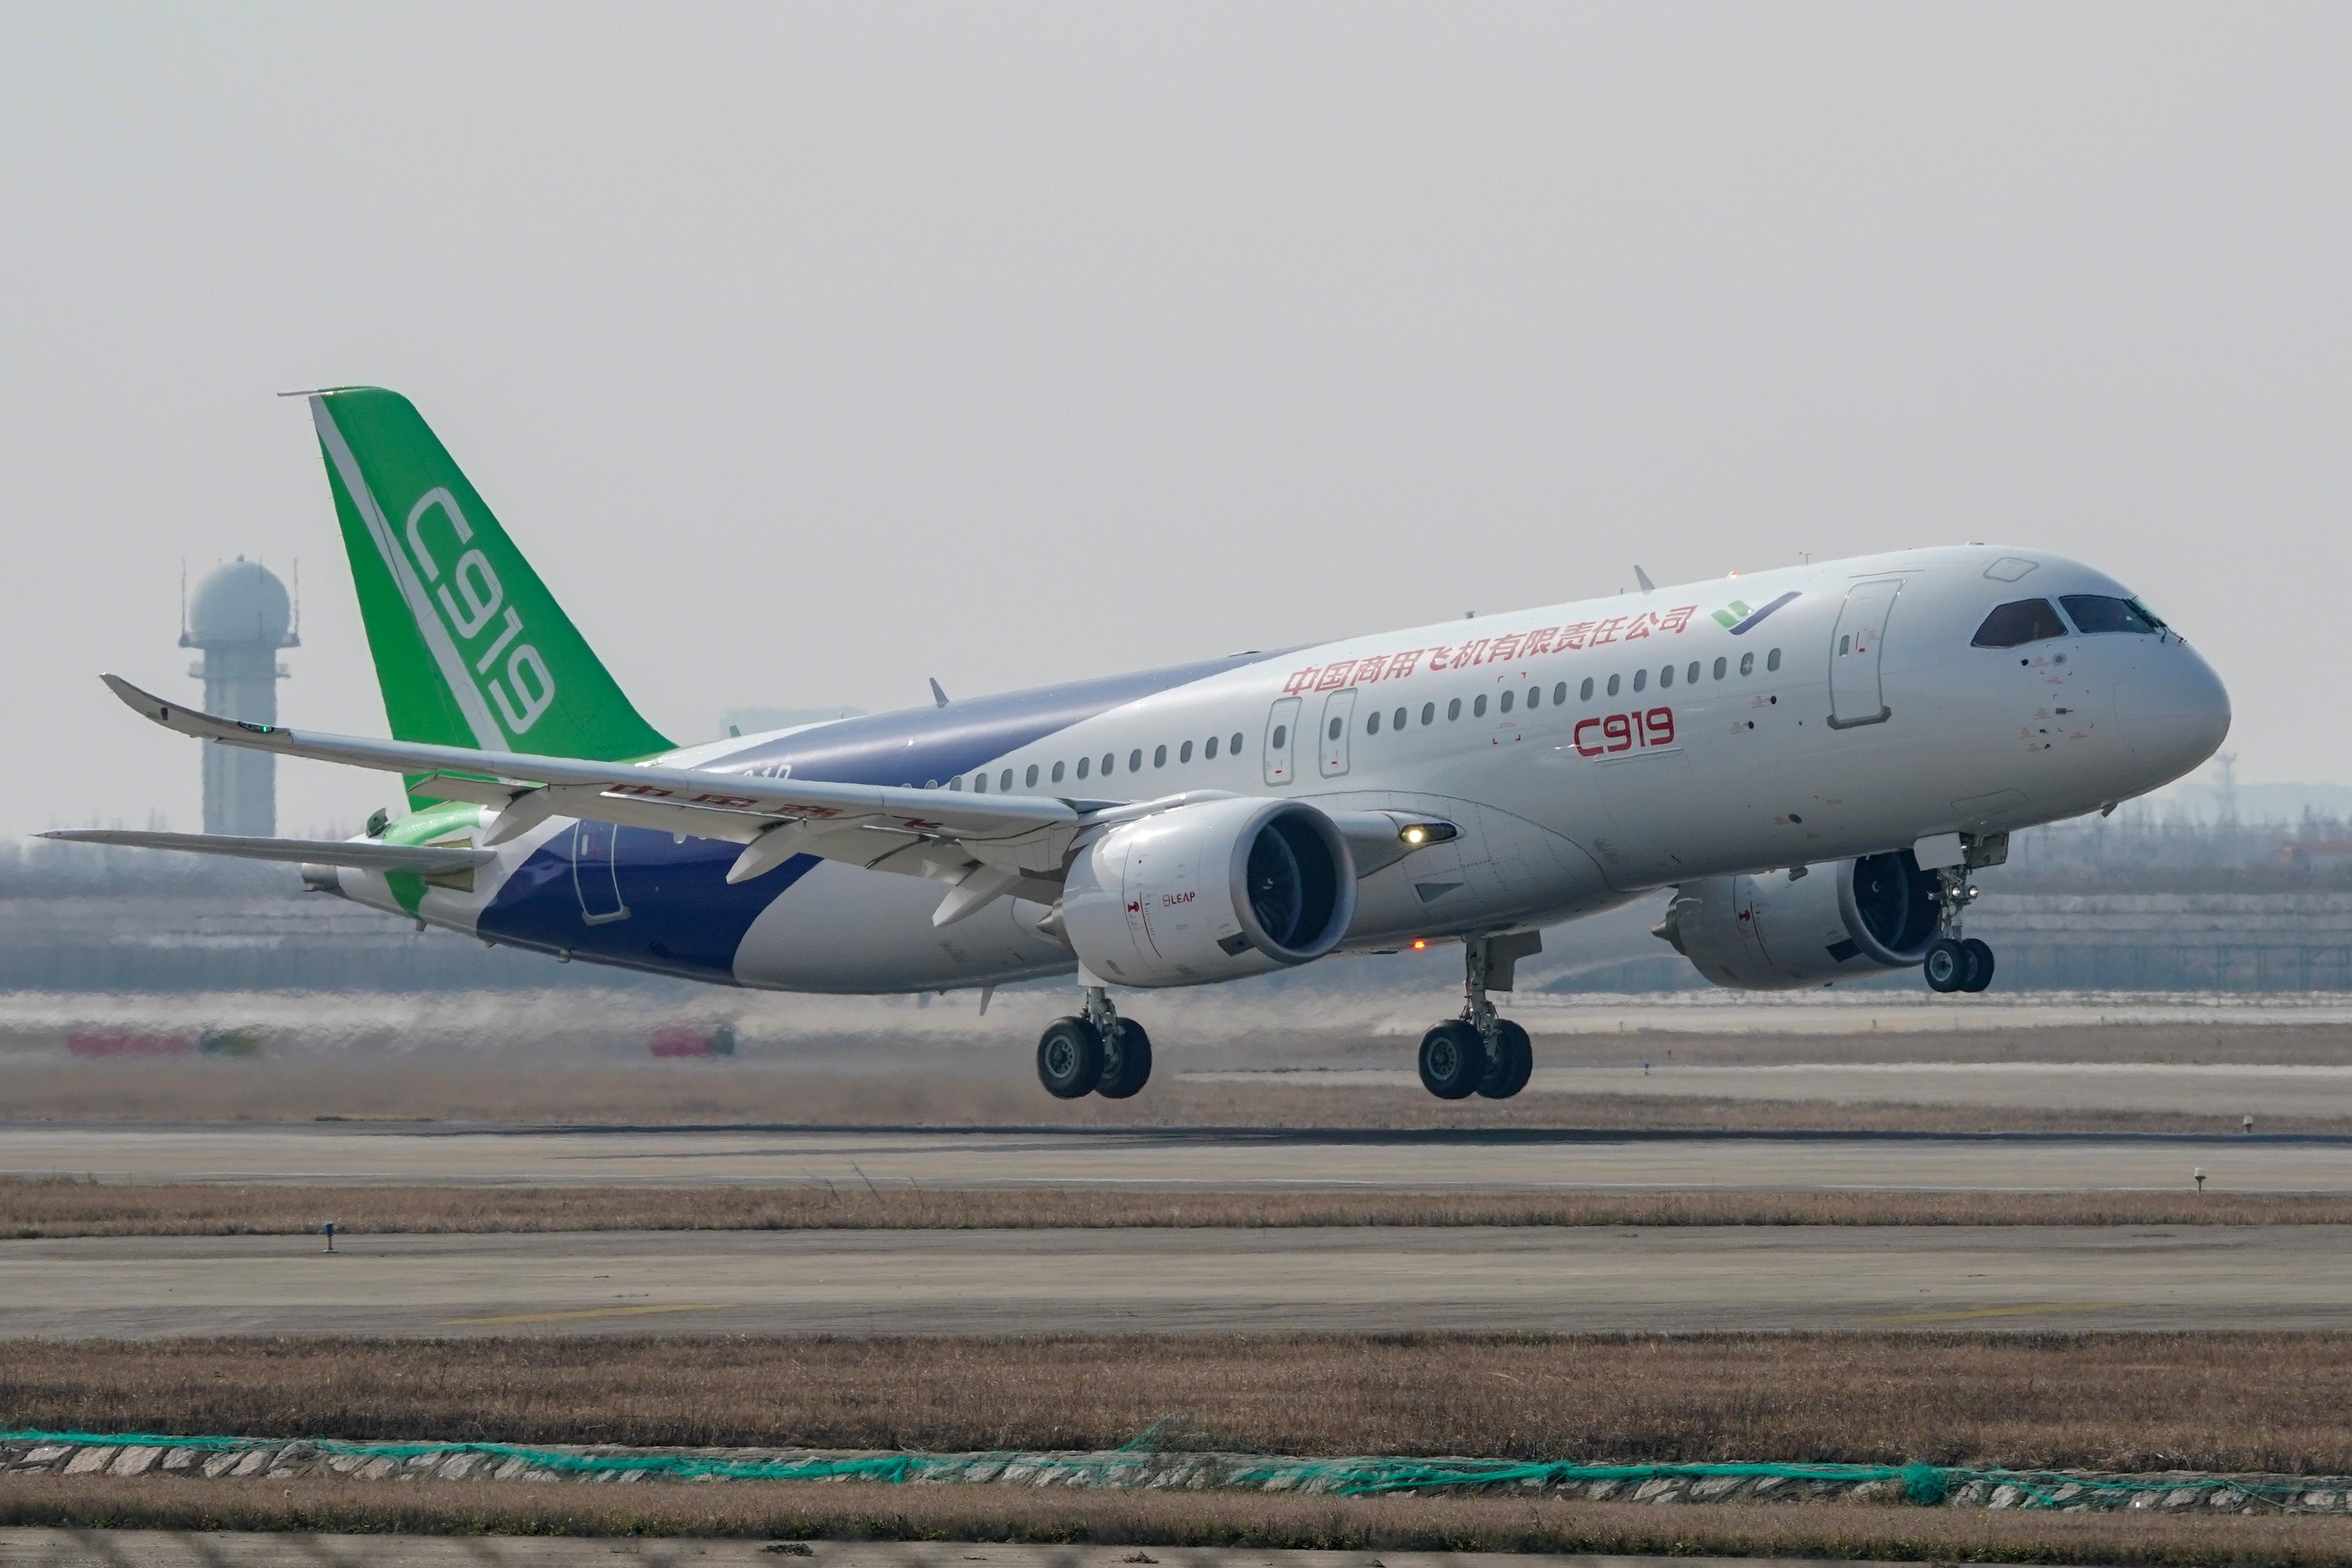 国产大型客机C919第五架试飞飞机,于2019年在上海浦东国际机场试飞。(路透社图片)